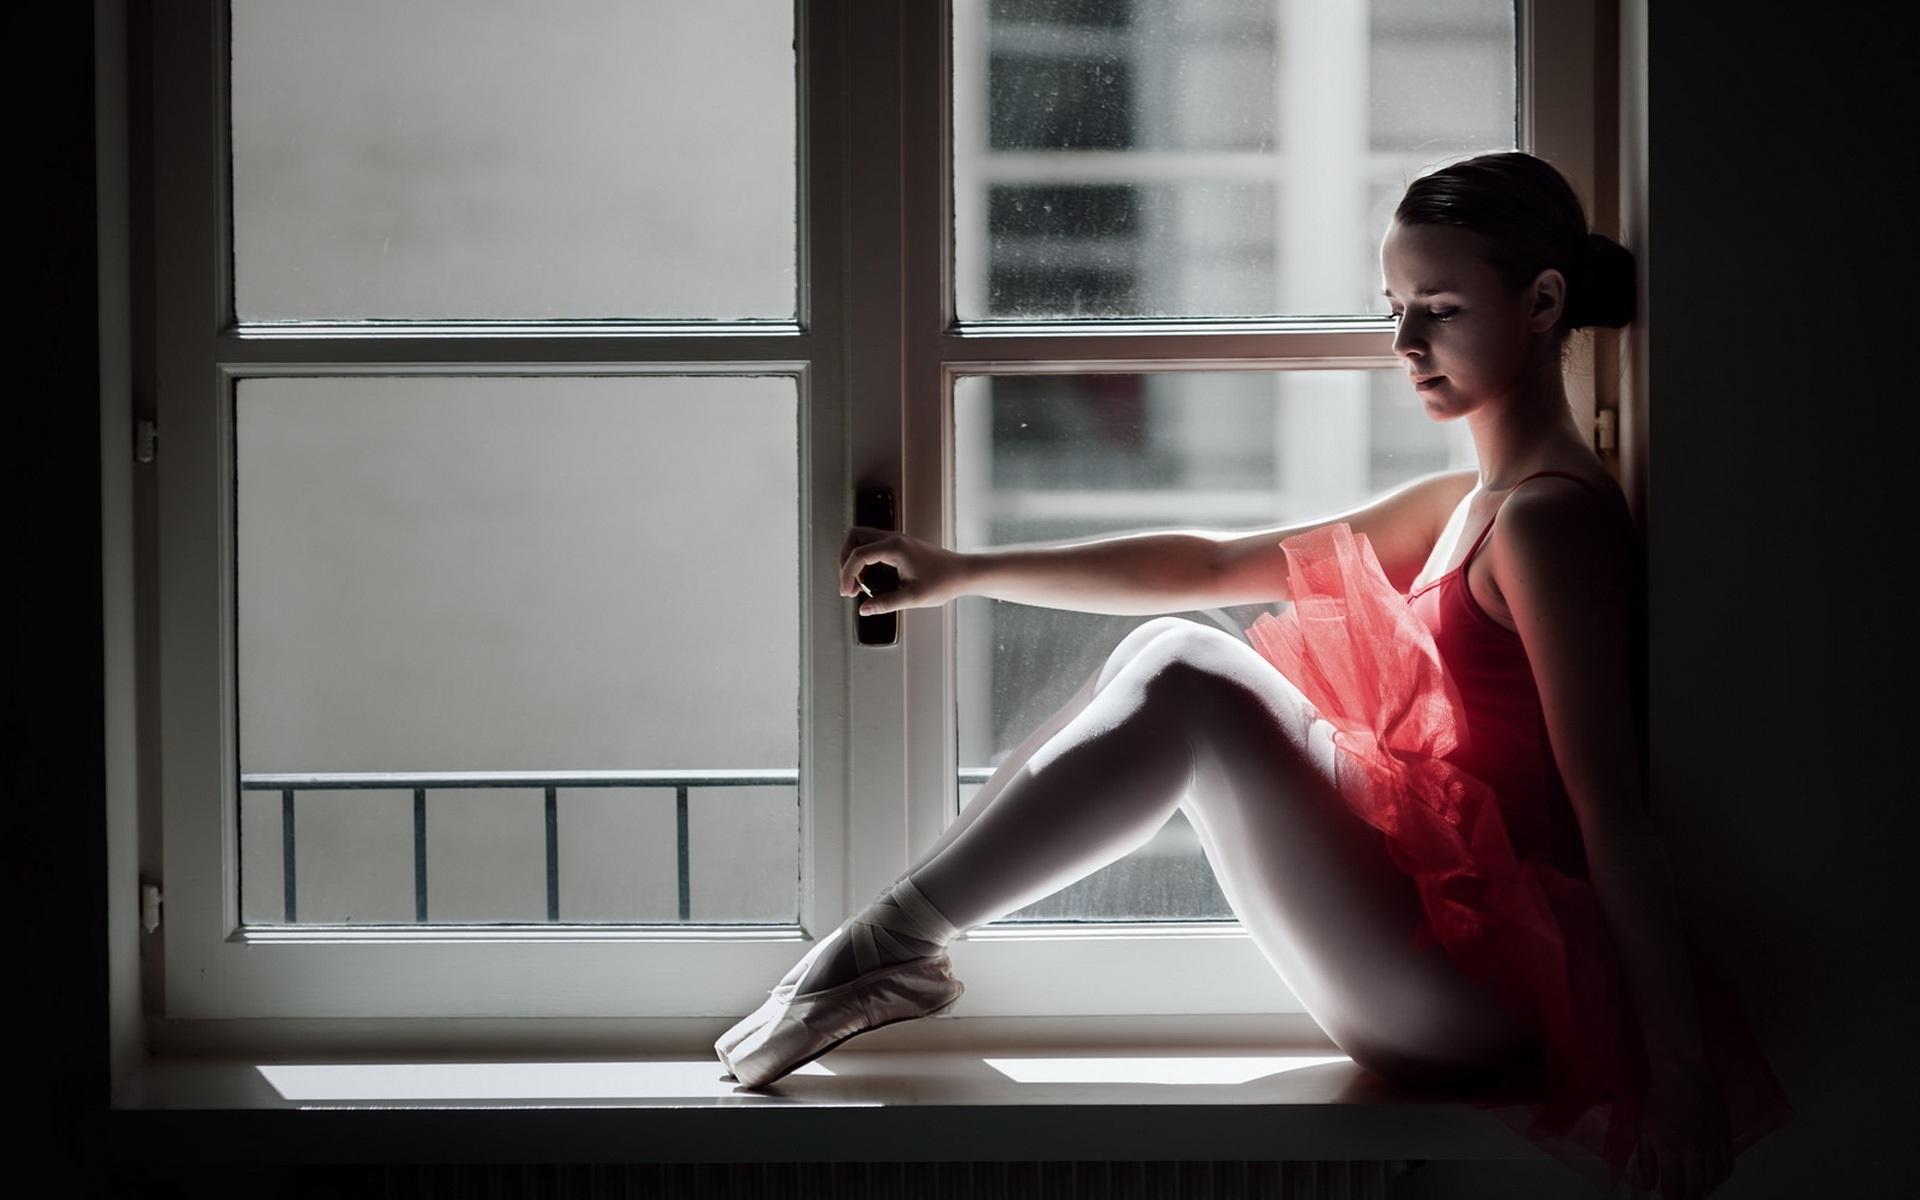 балерина сидит фото повернулся мне, подхватив